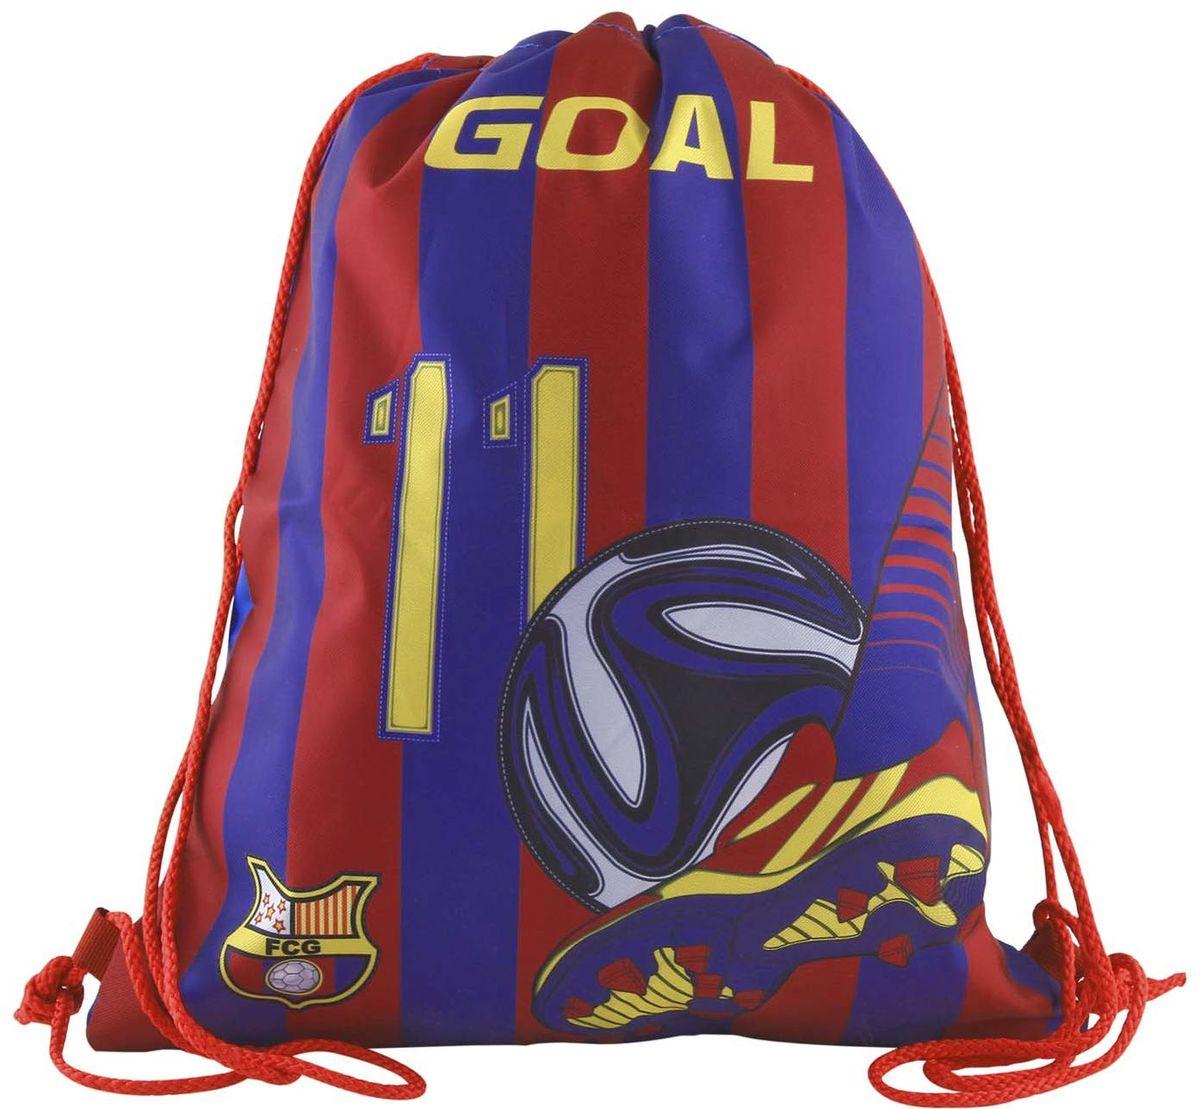 Target Collection Сумка для детской сменной обуви цвета FC Barcelona 1724317243Сумка для переноски детской обуви, выполнена из плотного водостойкого материала, затягивается сверху шнурком и носится, как рюкзак.